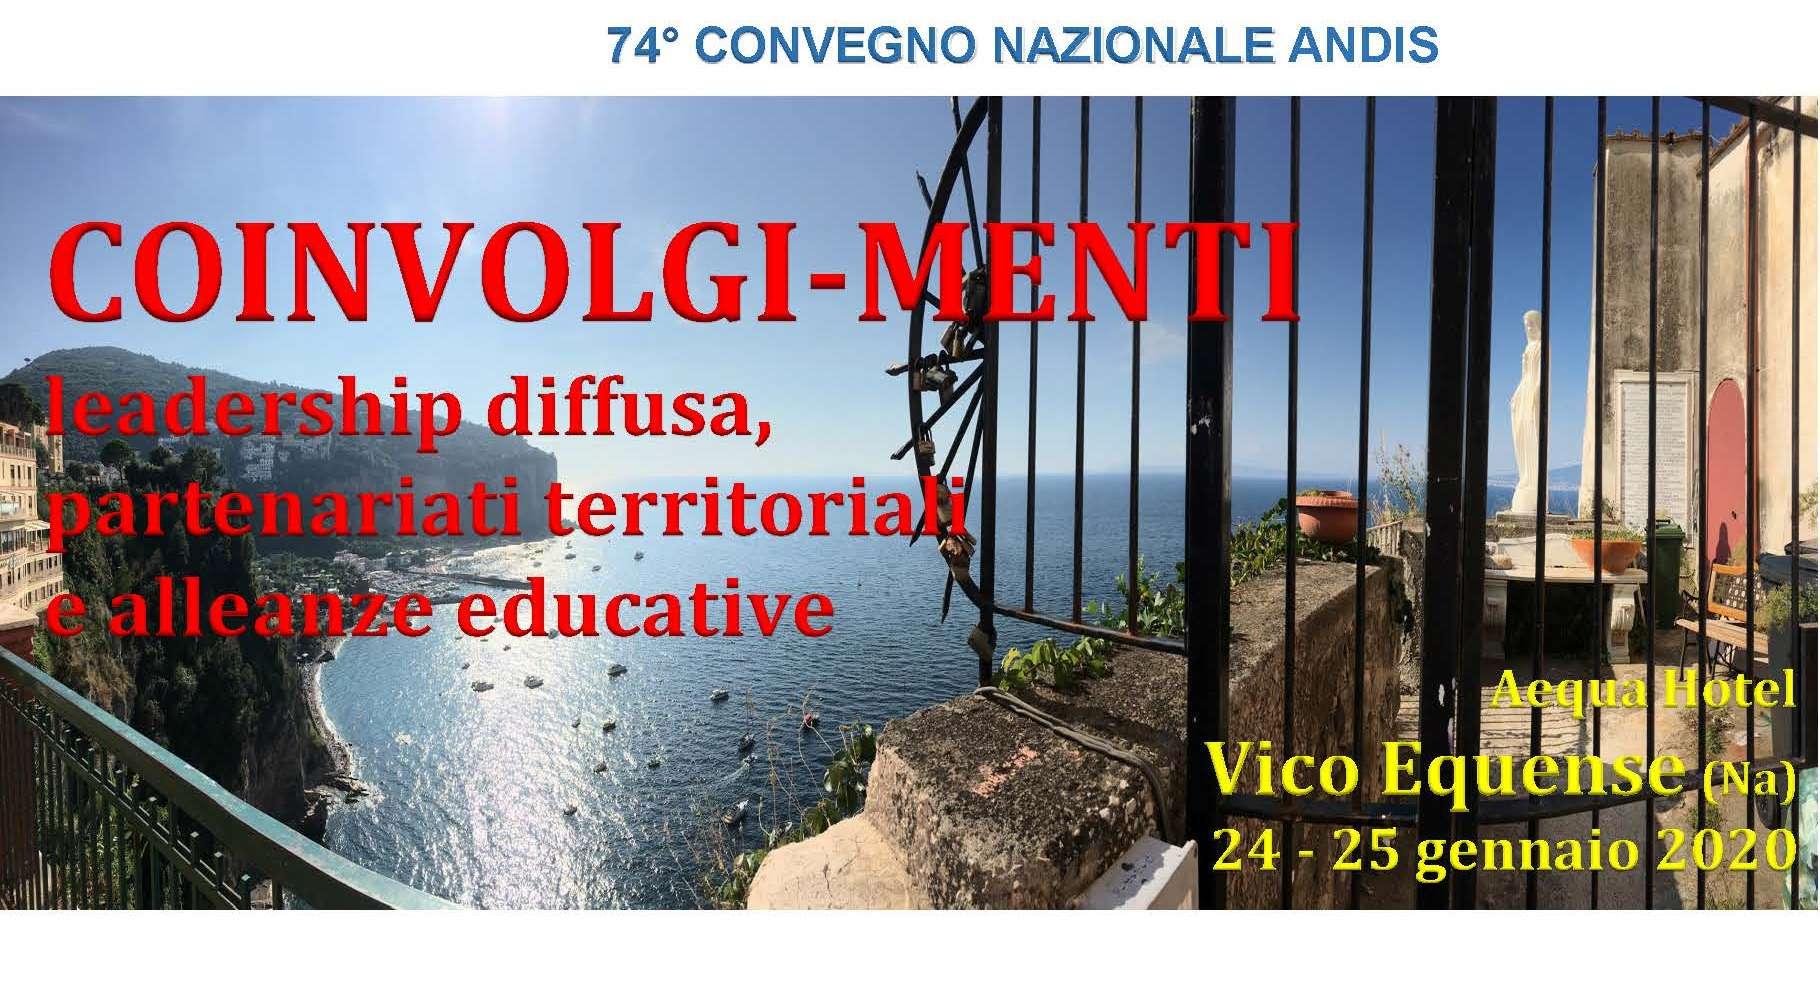 PROGRAMMA 74° CONVEGNO NAZIONALE Vico Equense (NA)